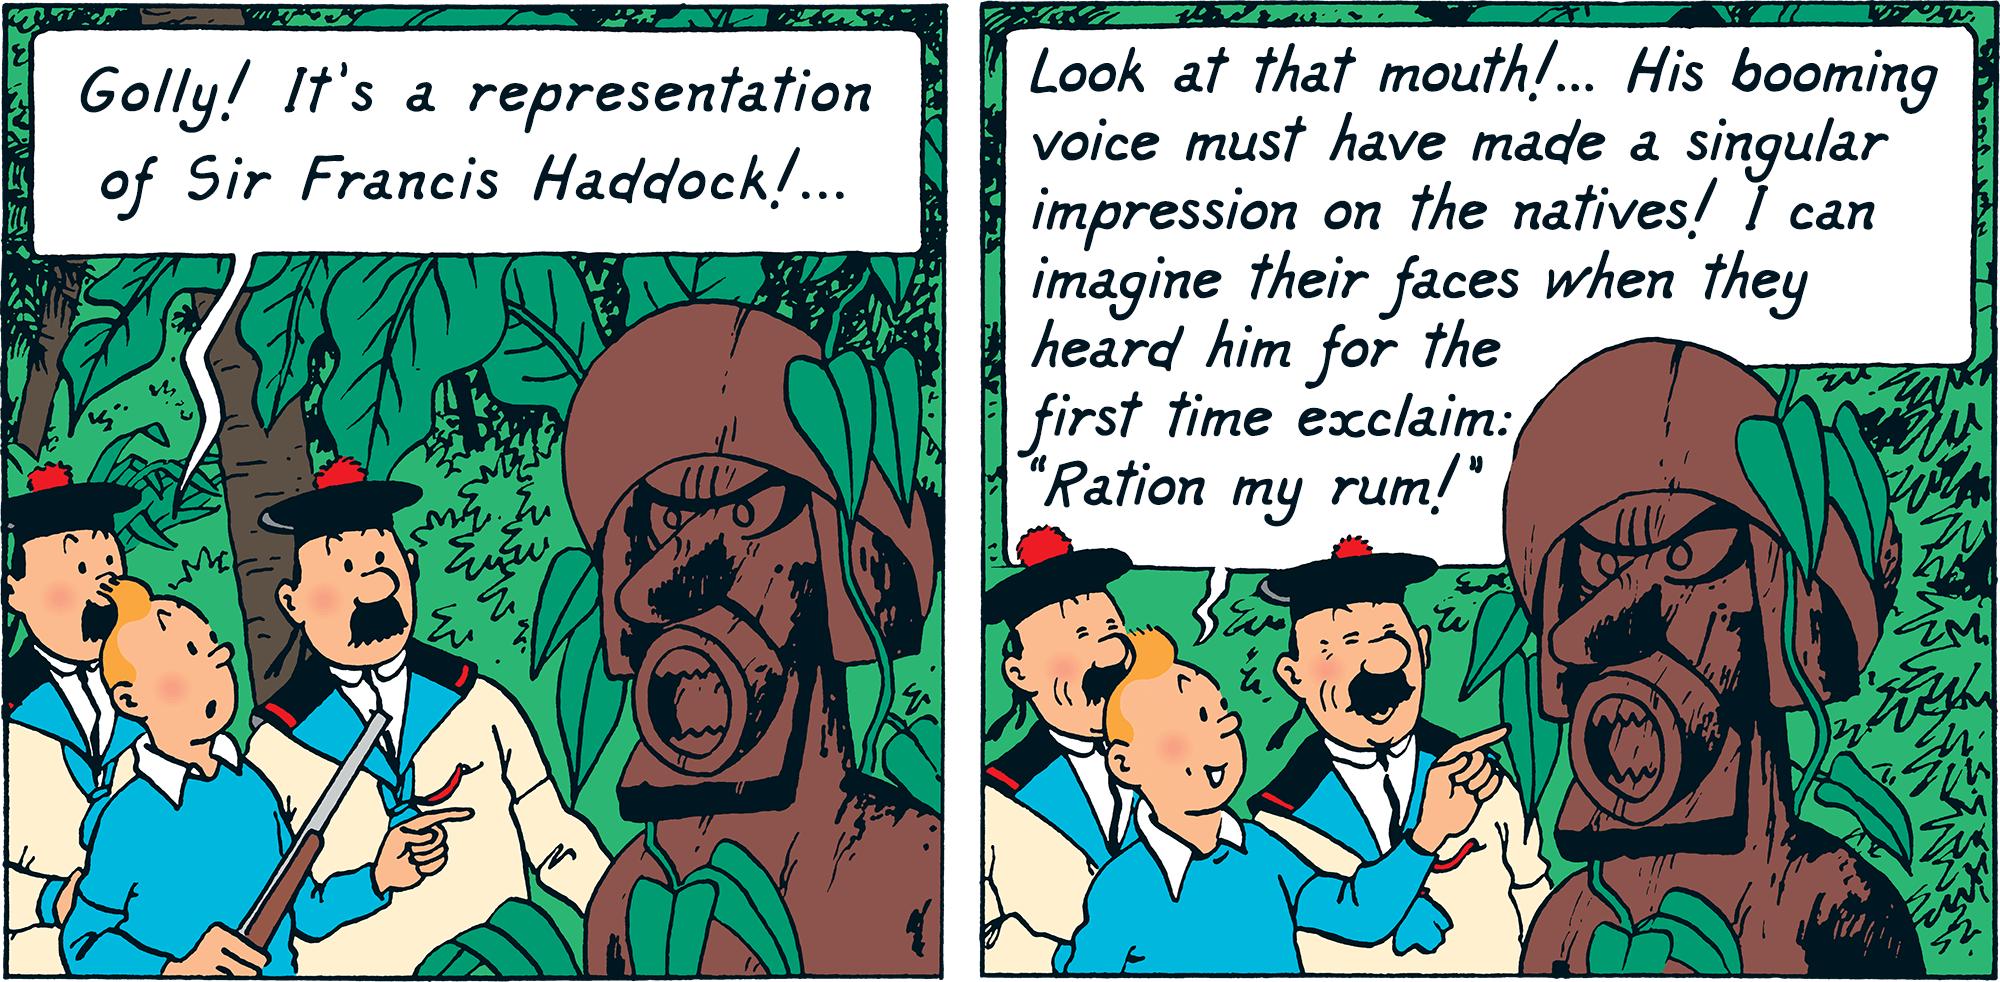 Red Rackham's Treasure - Ration my rum!